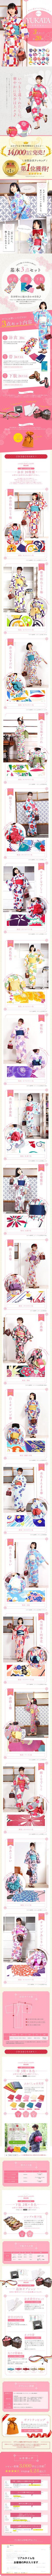 ランディングページ(LP)制作実績。東京都墨田区の有限会社あかつきより制作依頼を受け、ファッションの女性用浴衣3点セット全20柄商品ページをデザイン。LPOならランディングページ制作.jp